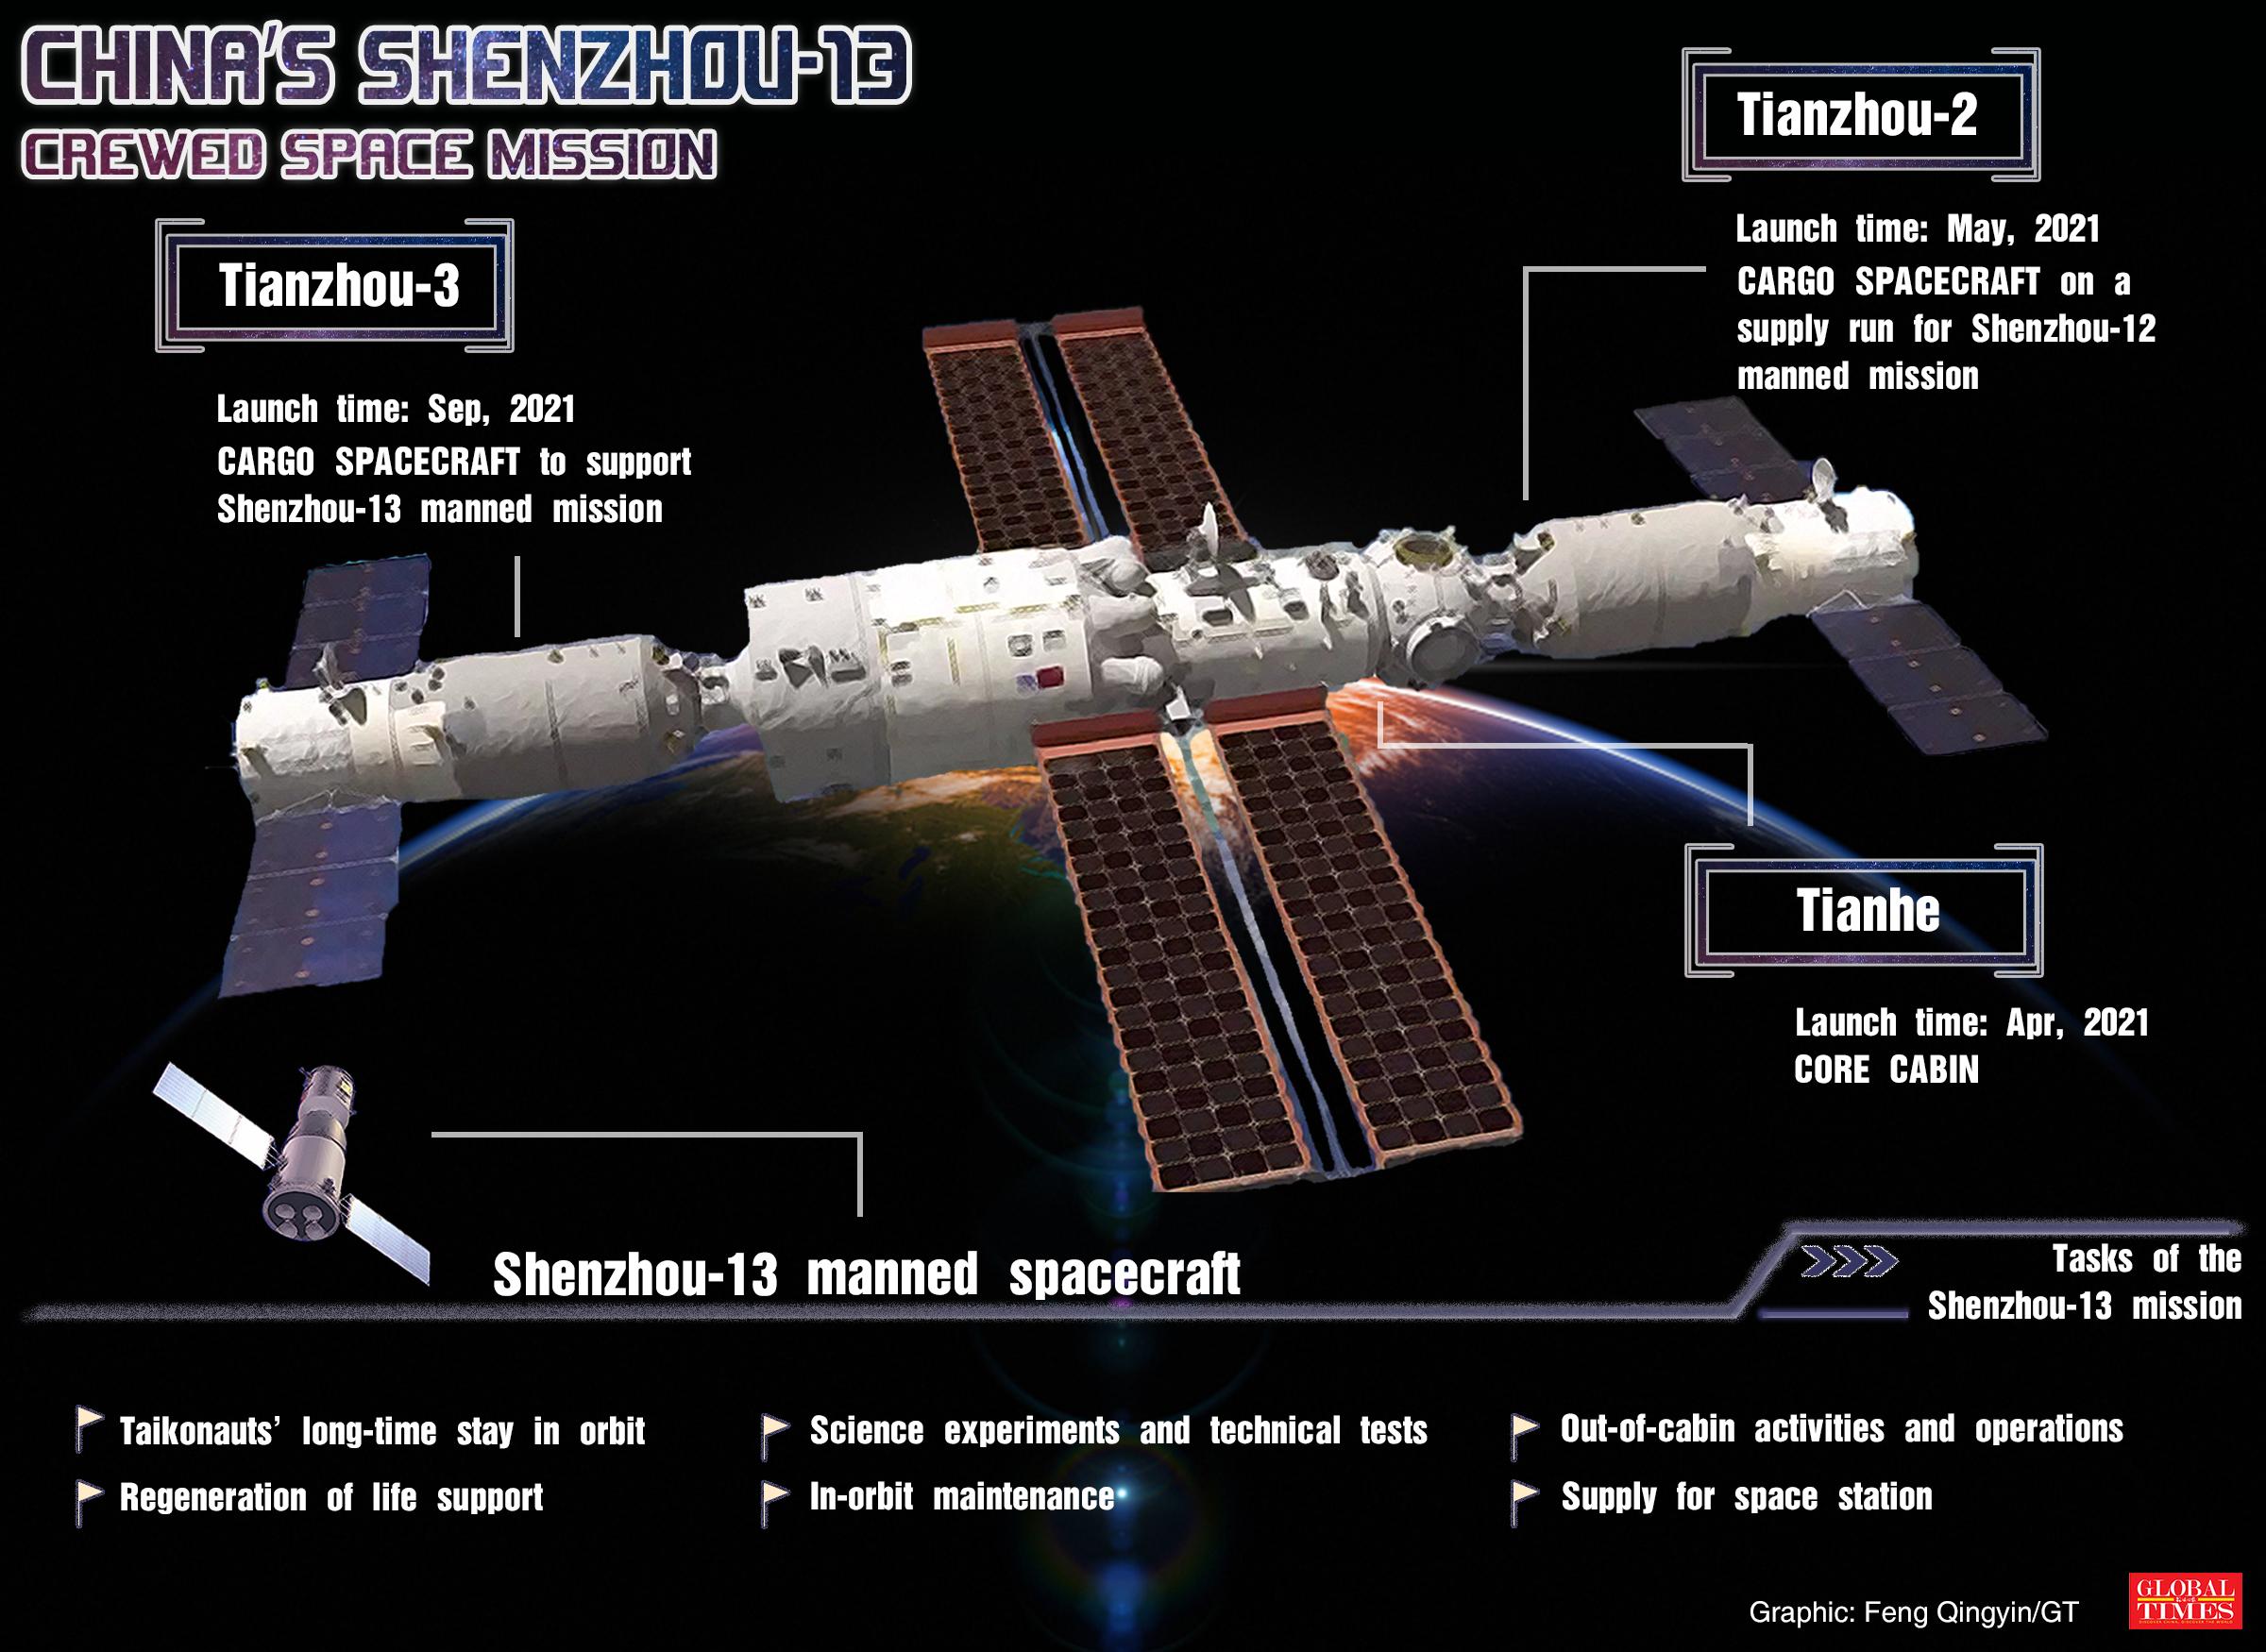 只有中国人是一次成功的!美专家:中国空间站将是美国强劲对手